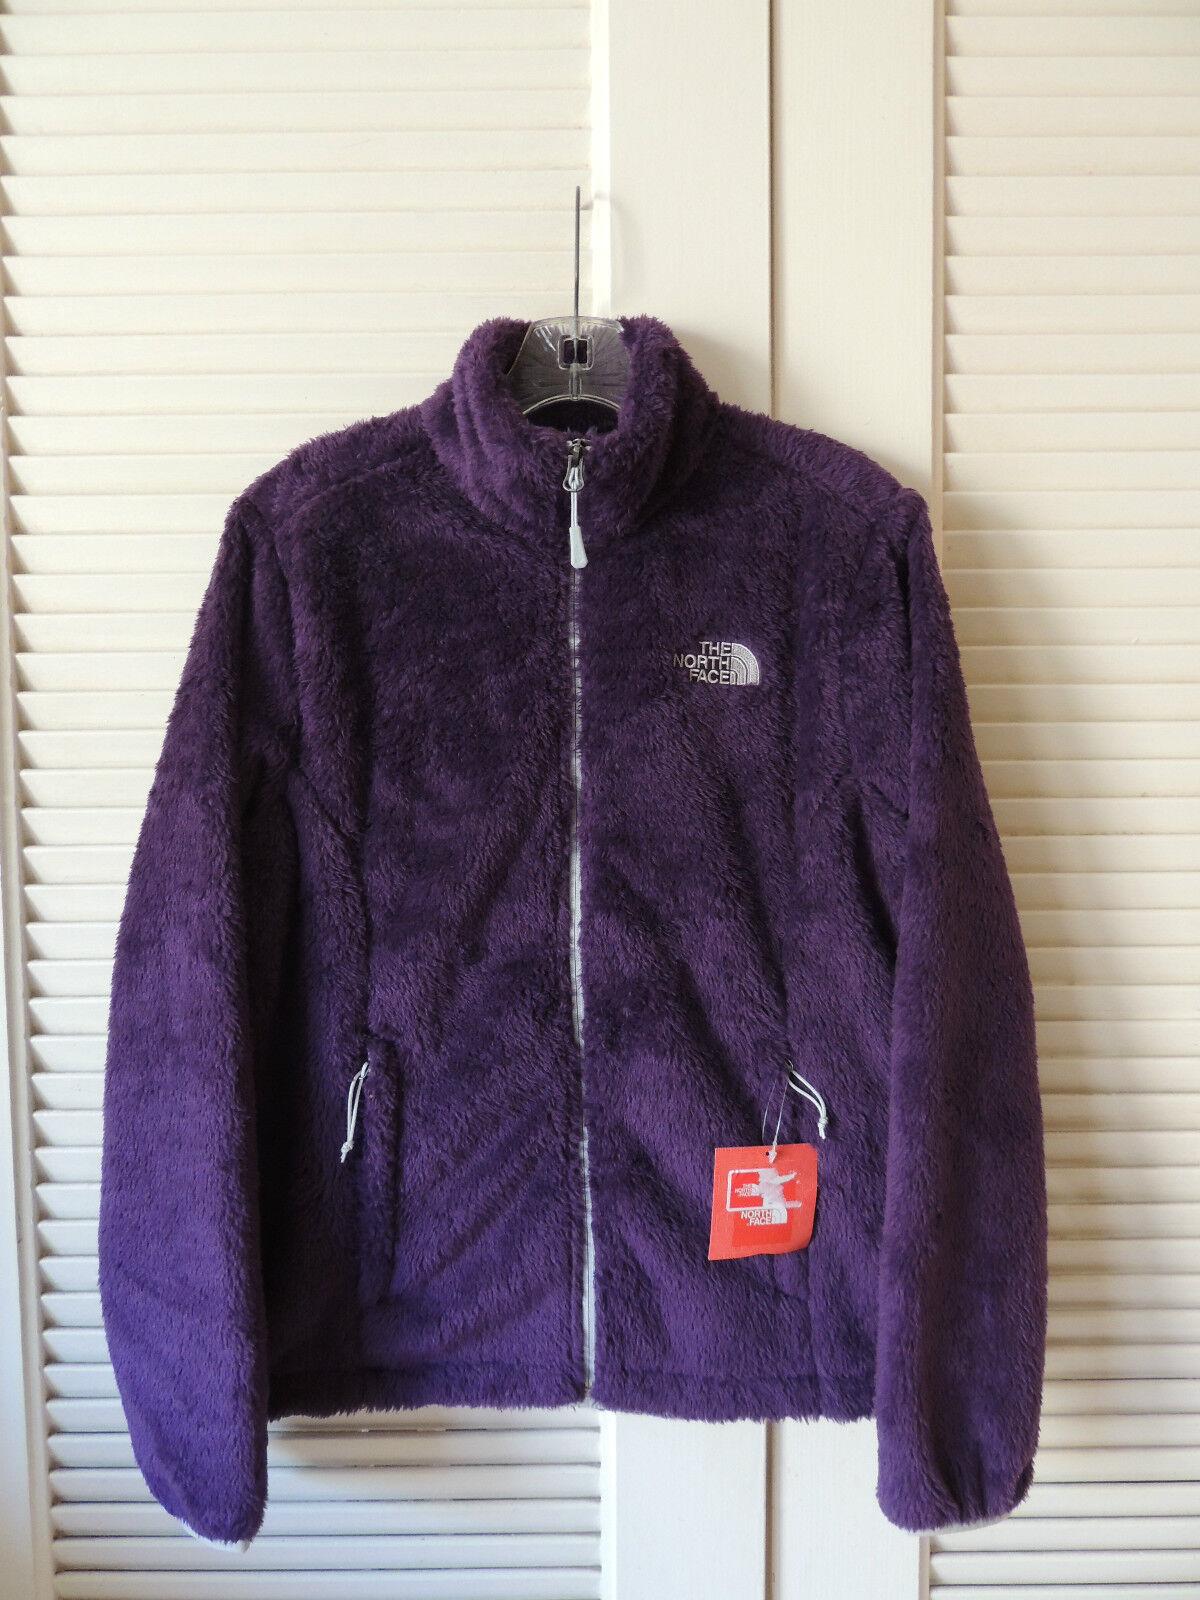 NORTH FACE SUPLE velours violet à longs poils doux Veste polaire, Taille S  Neuf avec étiquettes